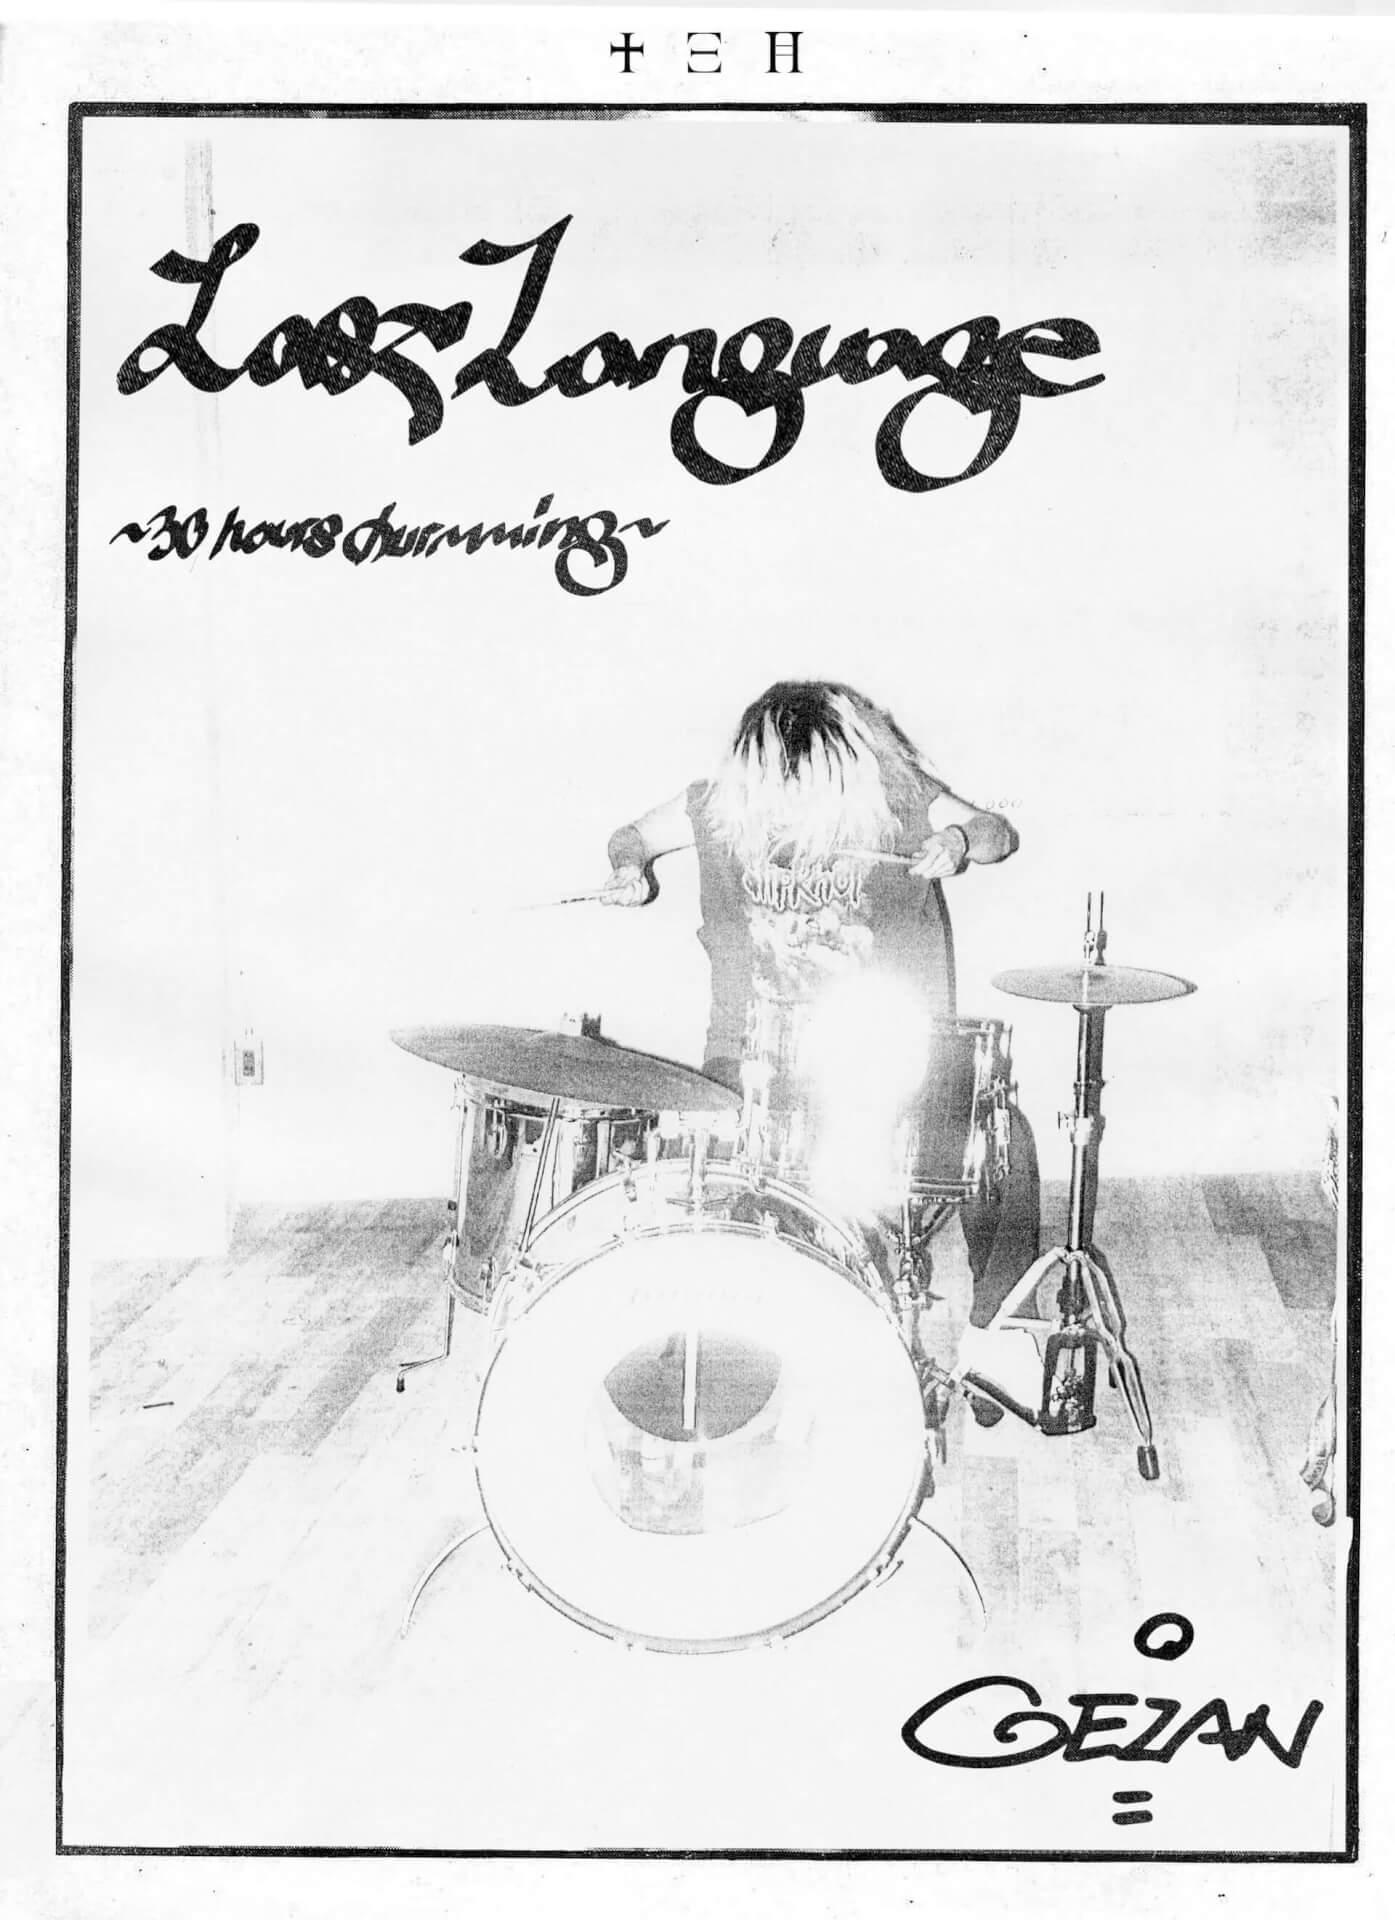 """石原ロスカル30時間ドラムマラソン後に配信されたGEZANのライブ映像から""""i""""がDAXにて公開 music201002_gezan_dax_2"""